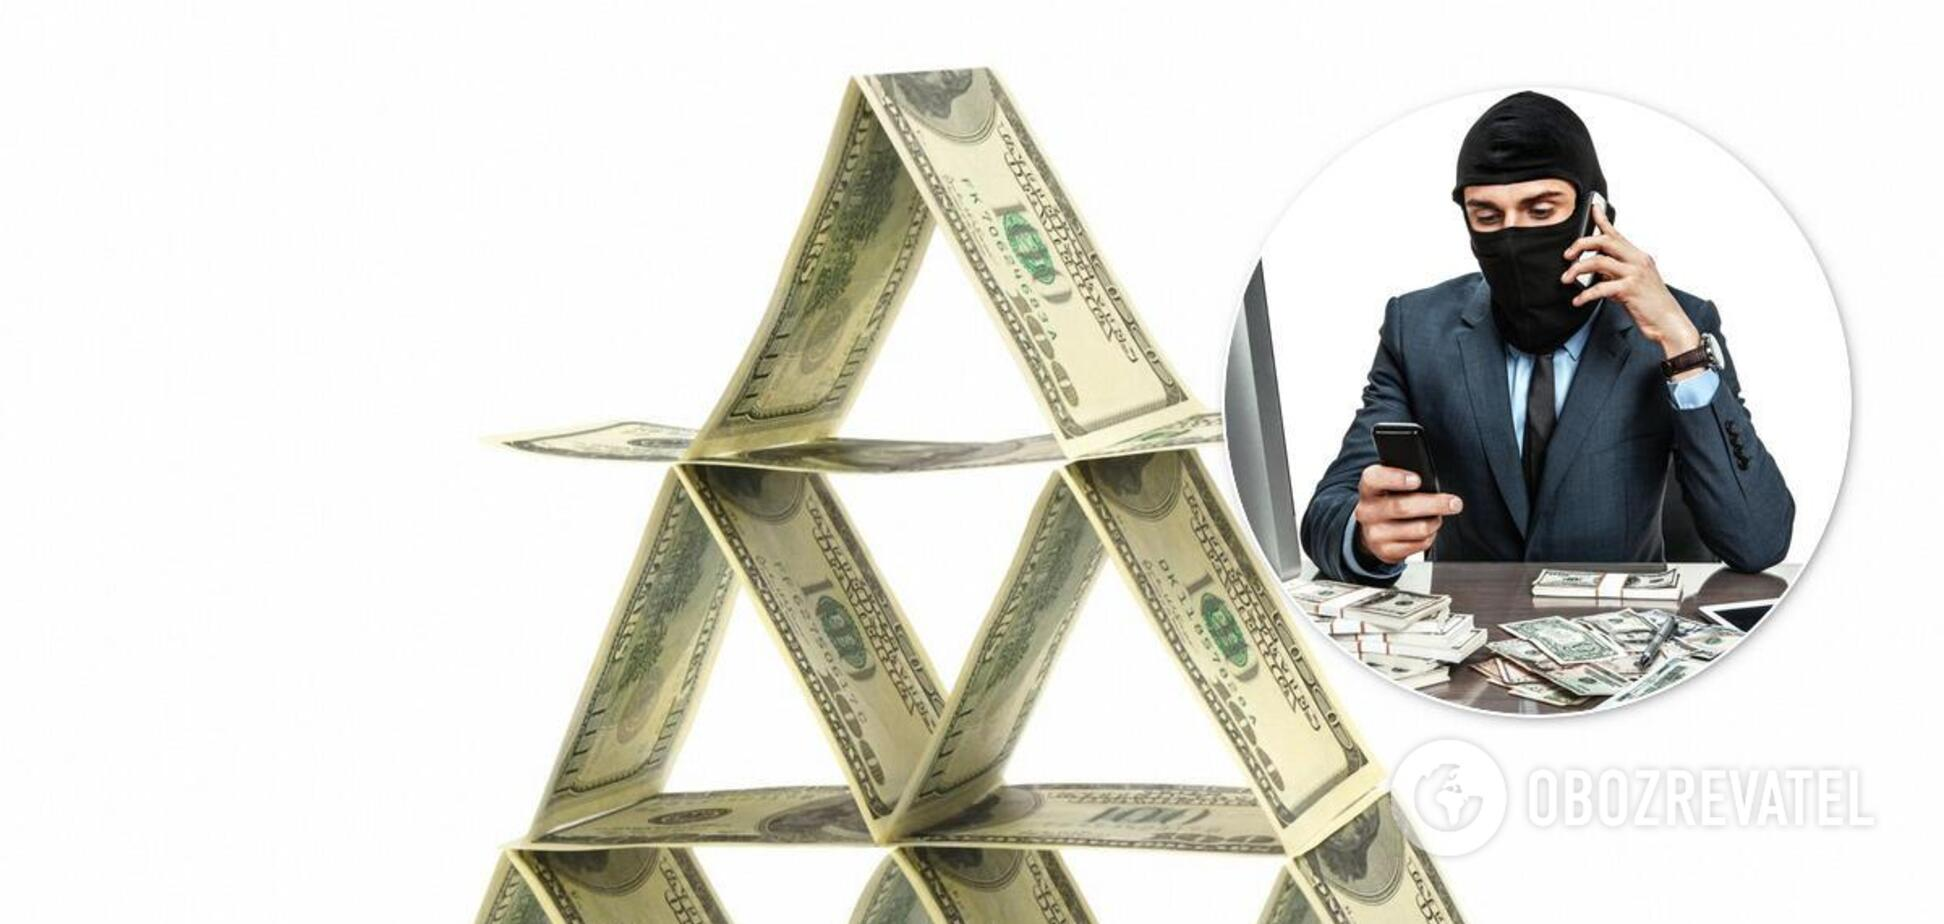 В Украине активизировались финансовые пирамиды: 7 признаков обмана